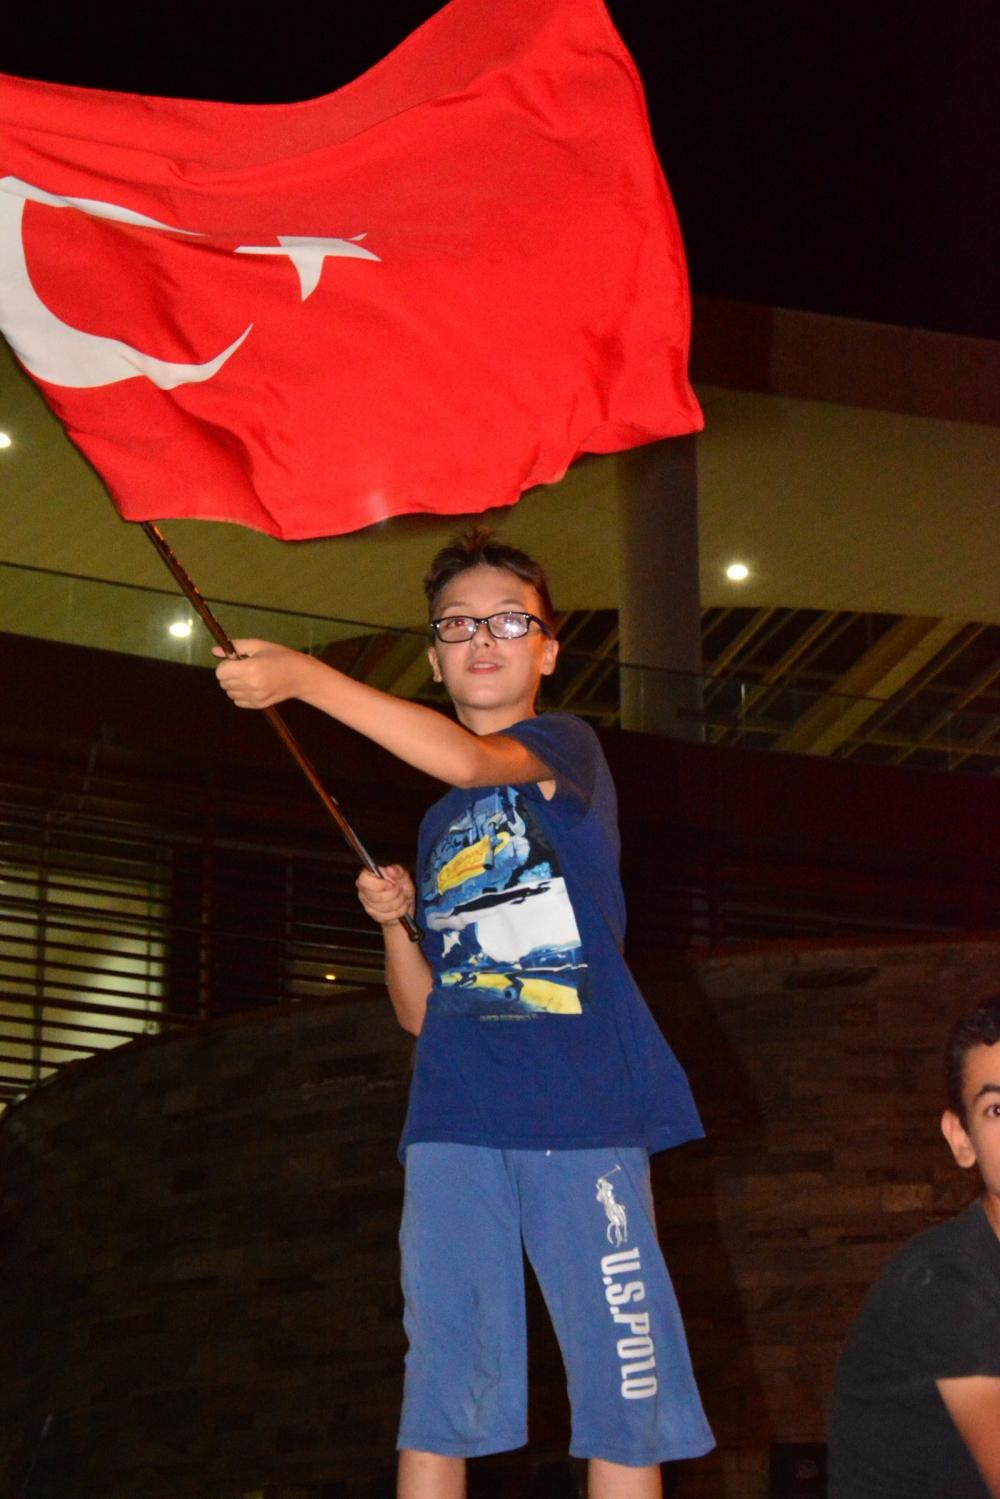 Akhisar'da Milli Egemenlik Meydanında demokrasi nöbeti 22.gün 4